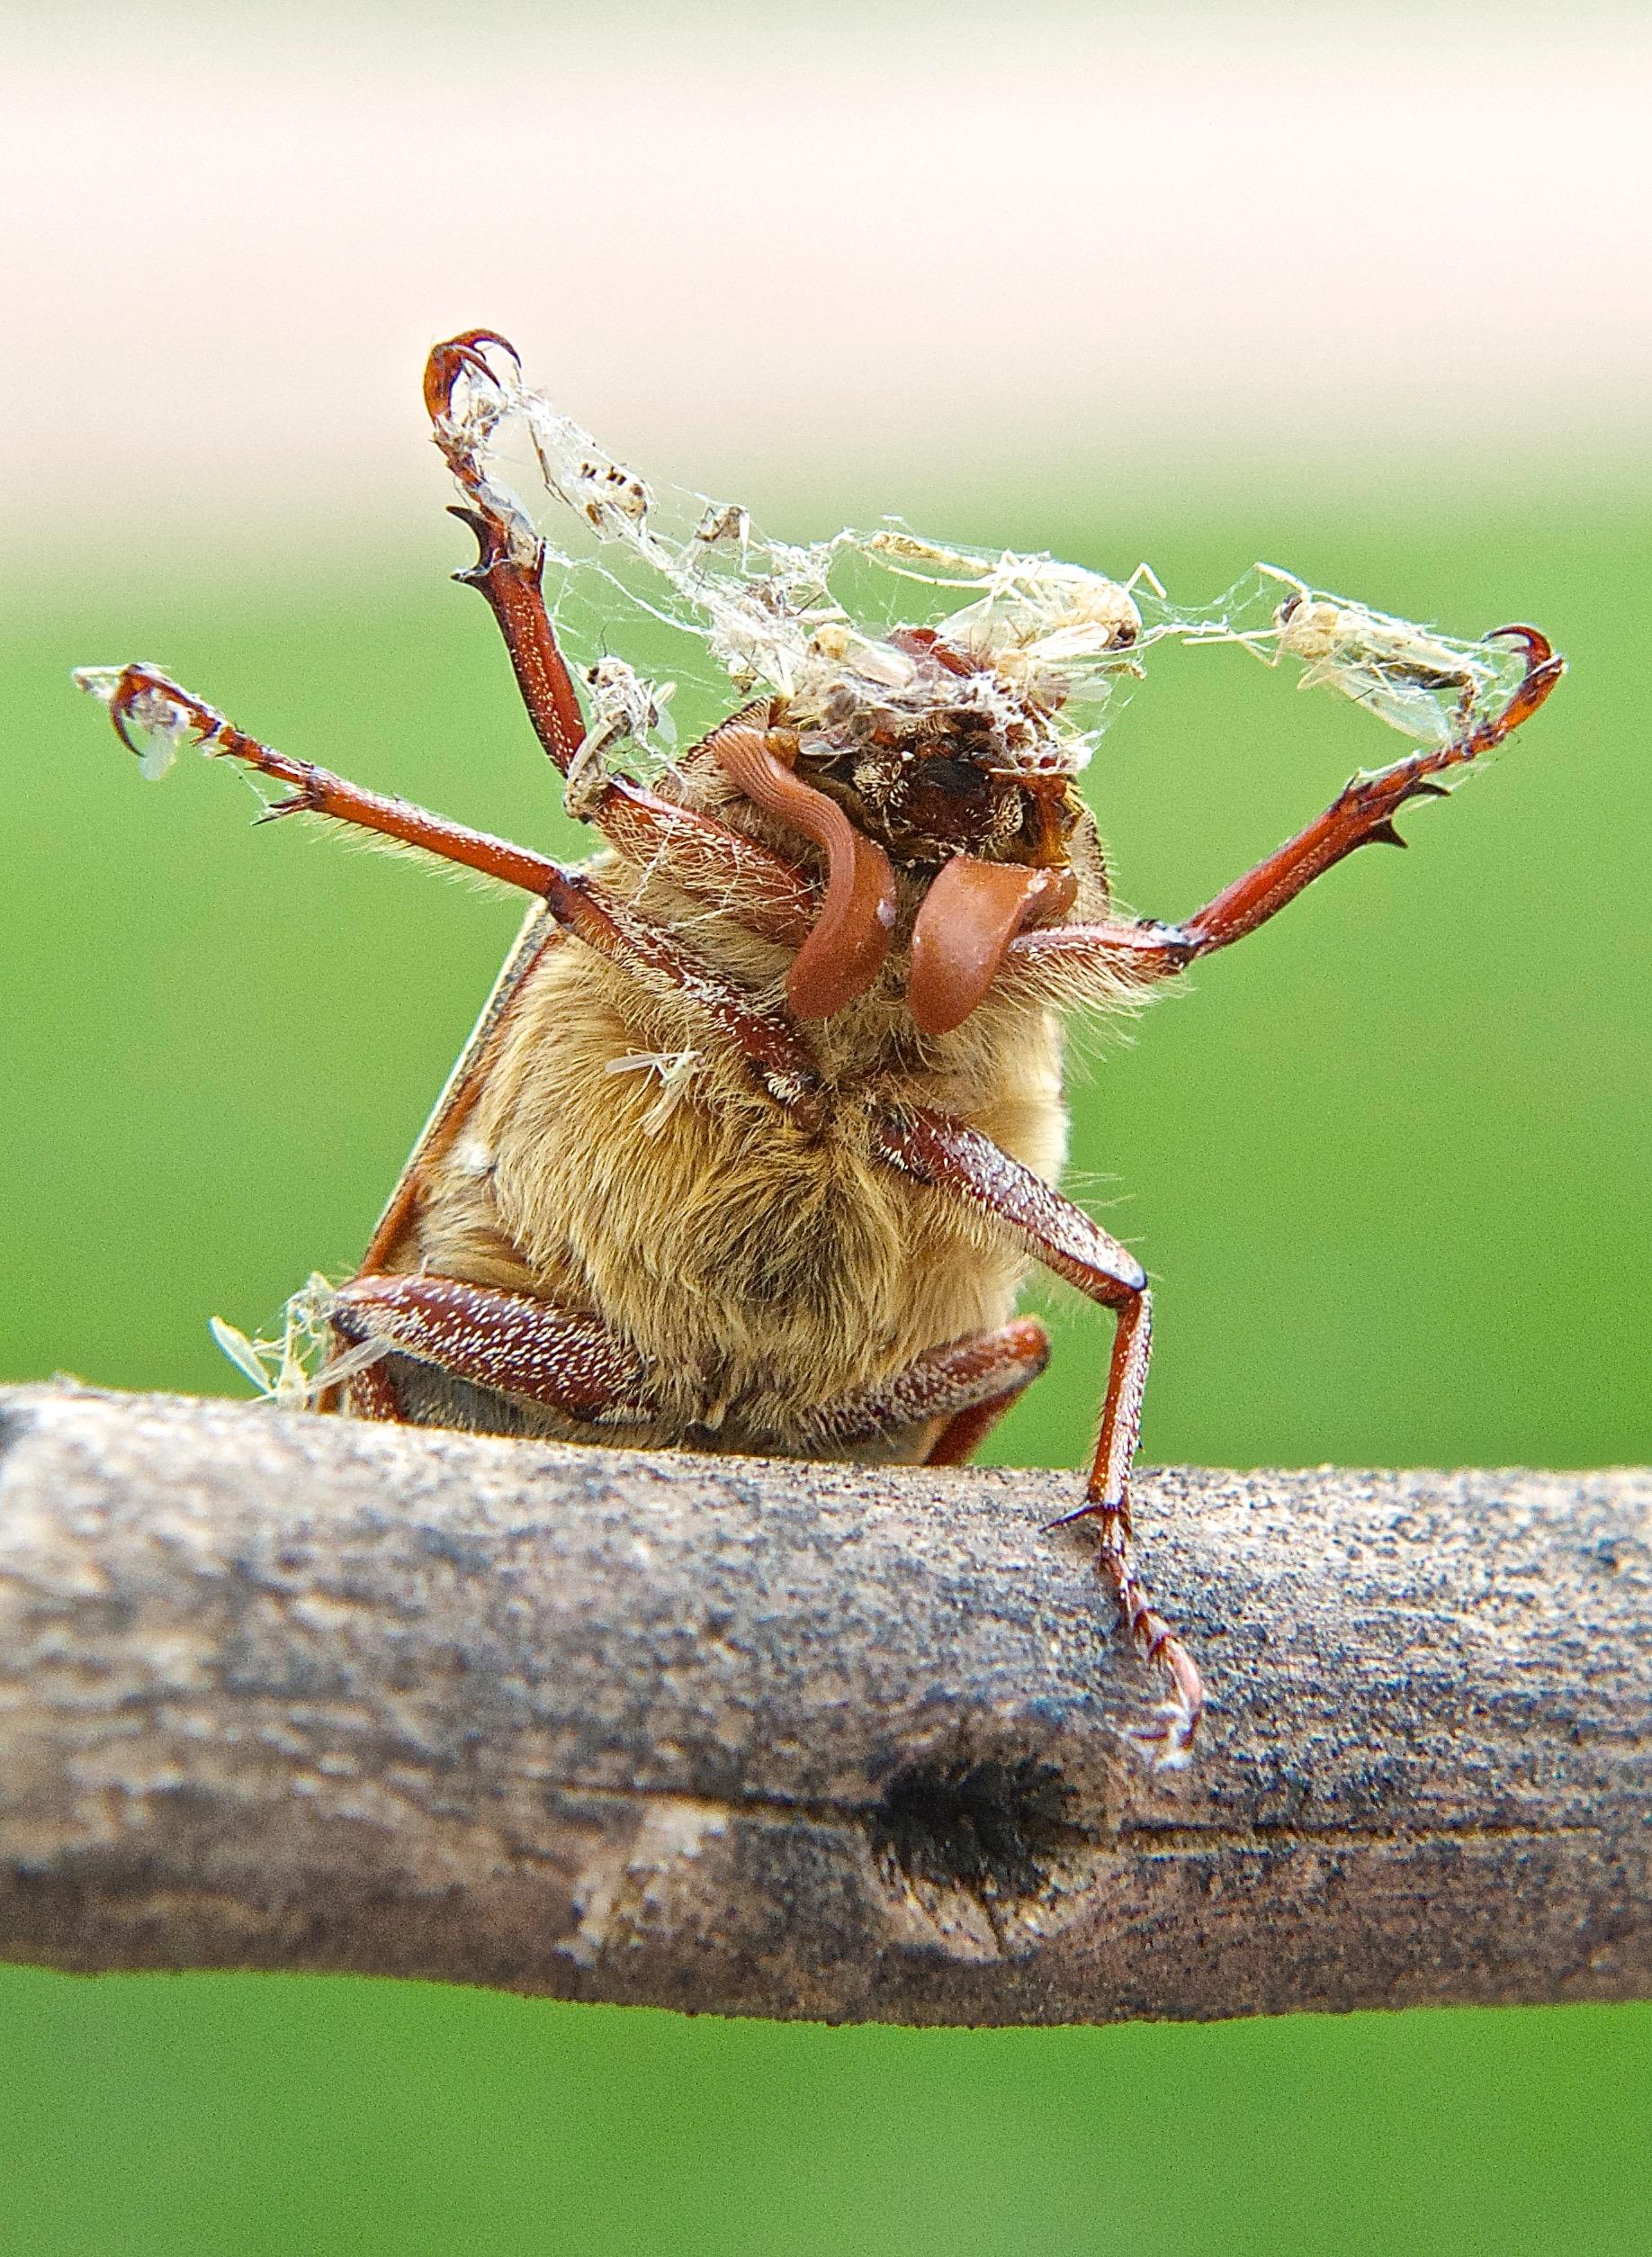 Ten-Lined June Beetle (Fighting Spider Web)